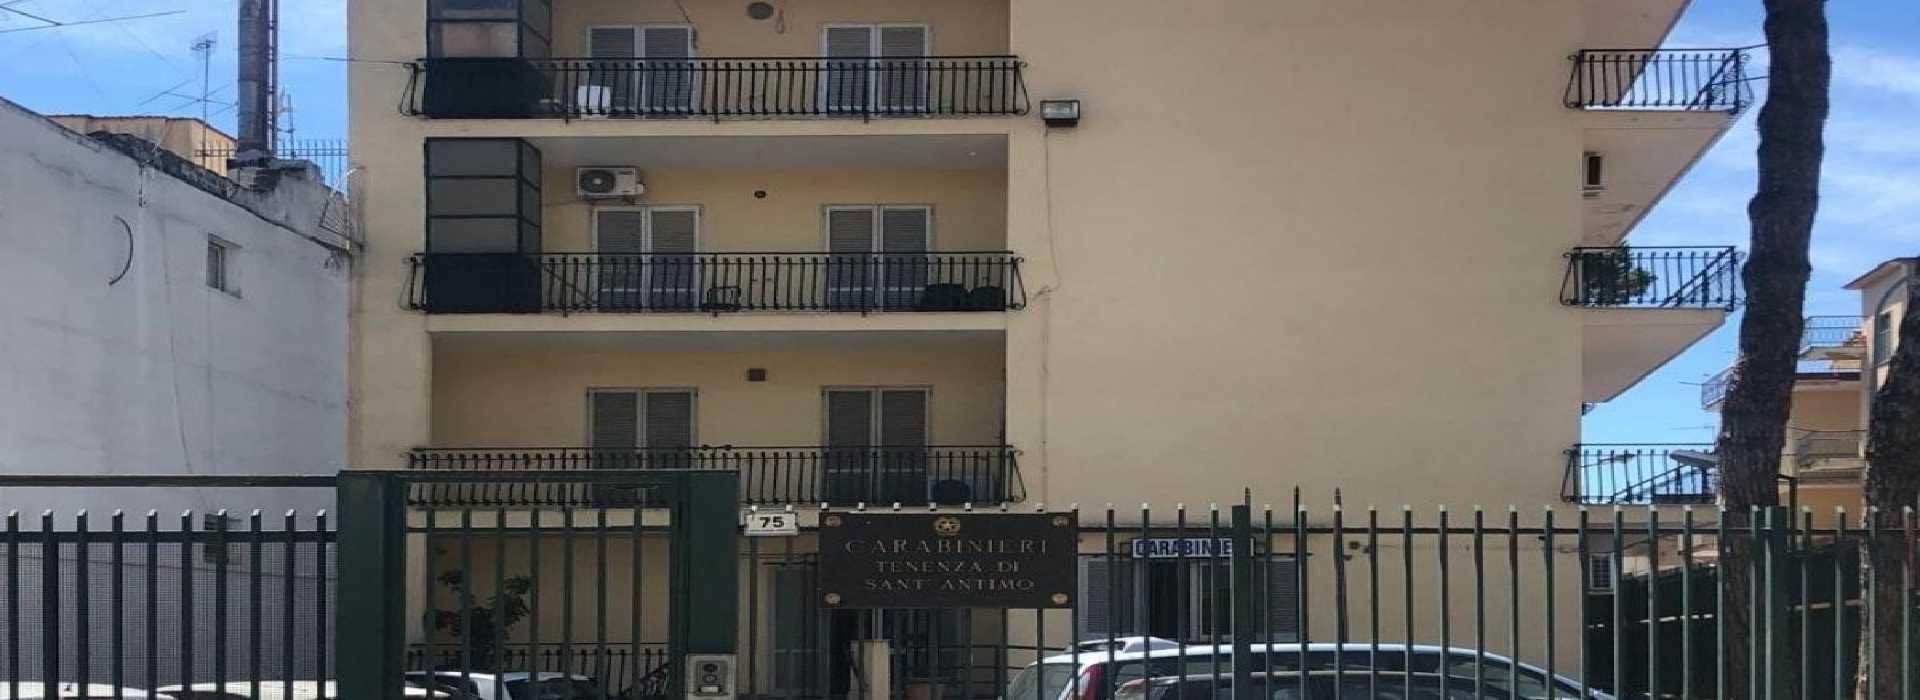 Lo Stato paga l'affitto della caserma dei carabinieri alla famiglia sospettata di associazione esterna. Cesaro